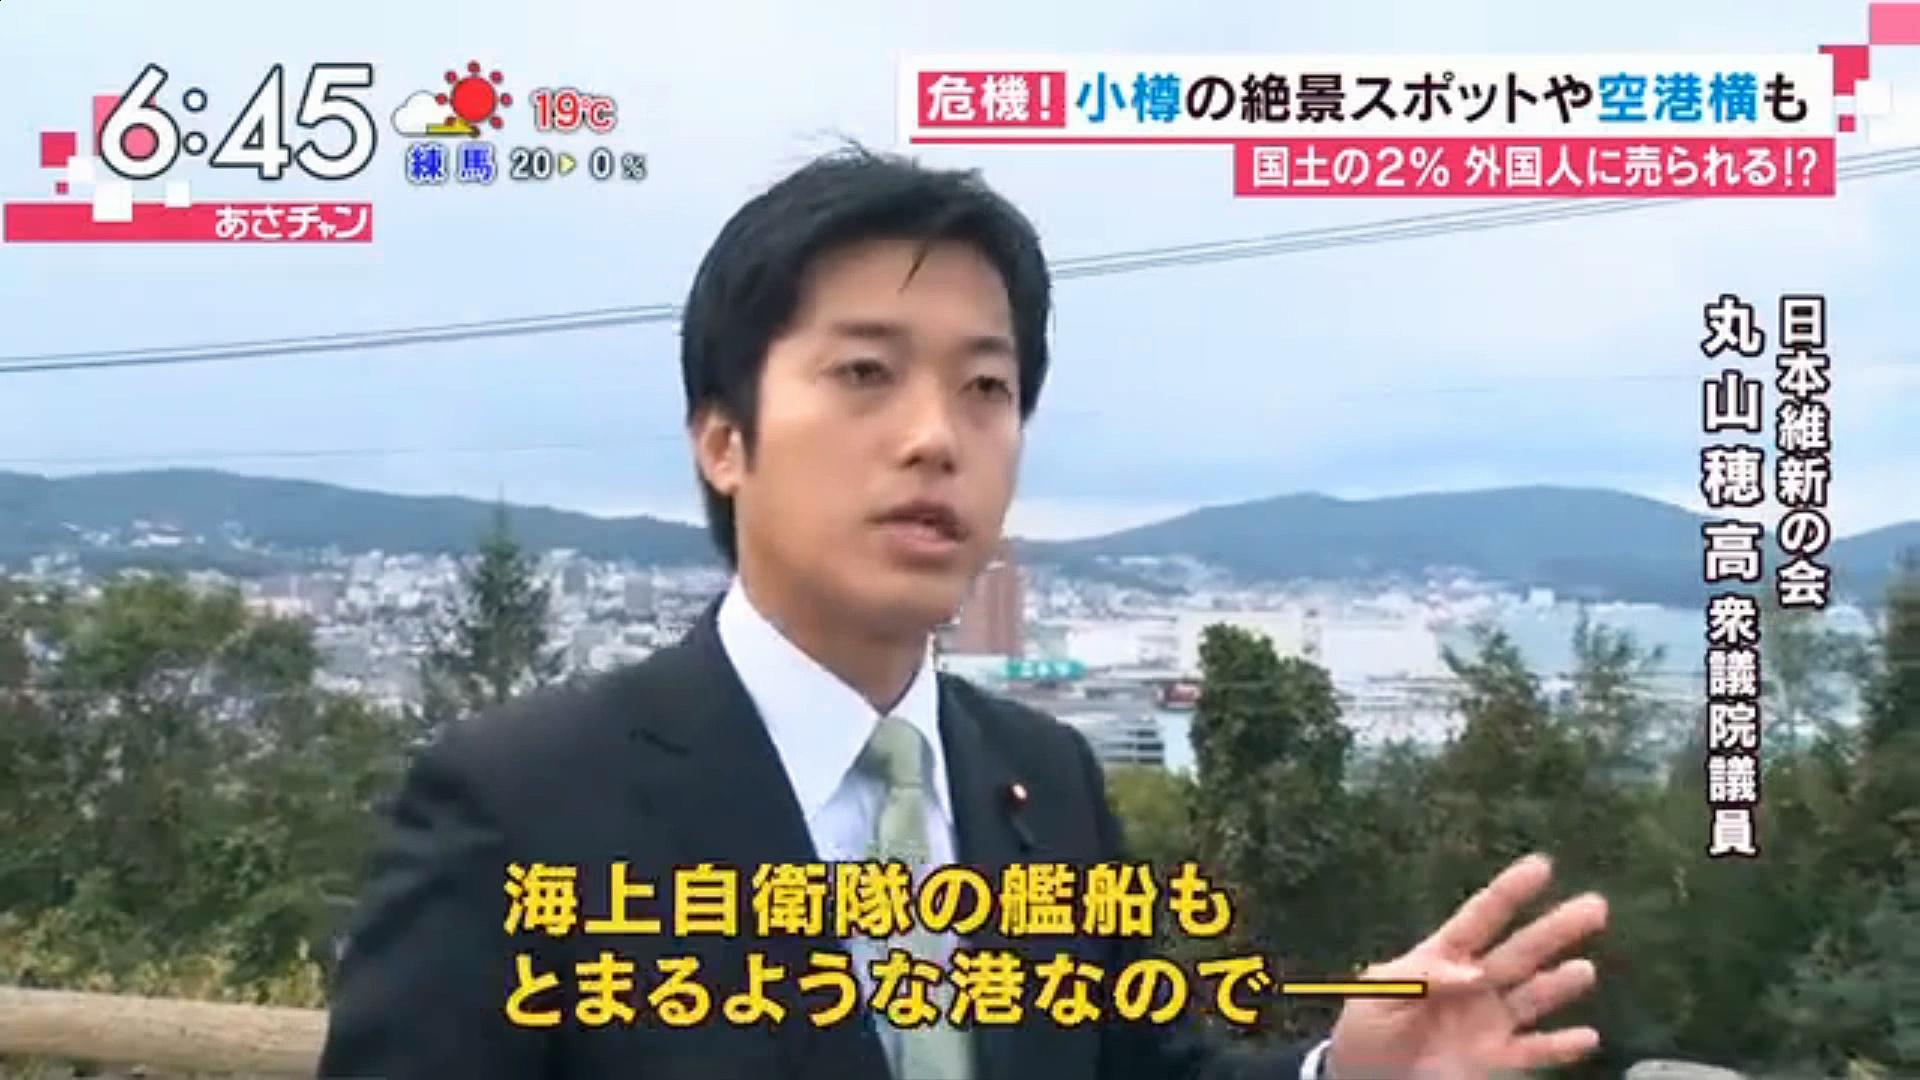 空港・基地・水源が危ない!(中国人でも構わない)外国人に土地を売りたい日本人、急増中!